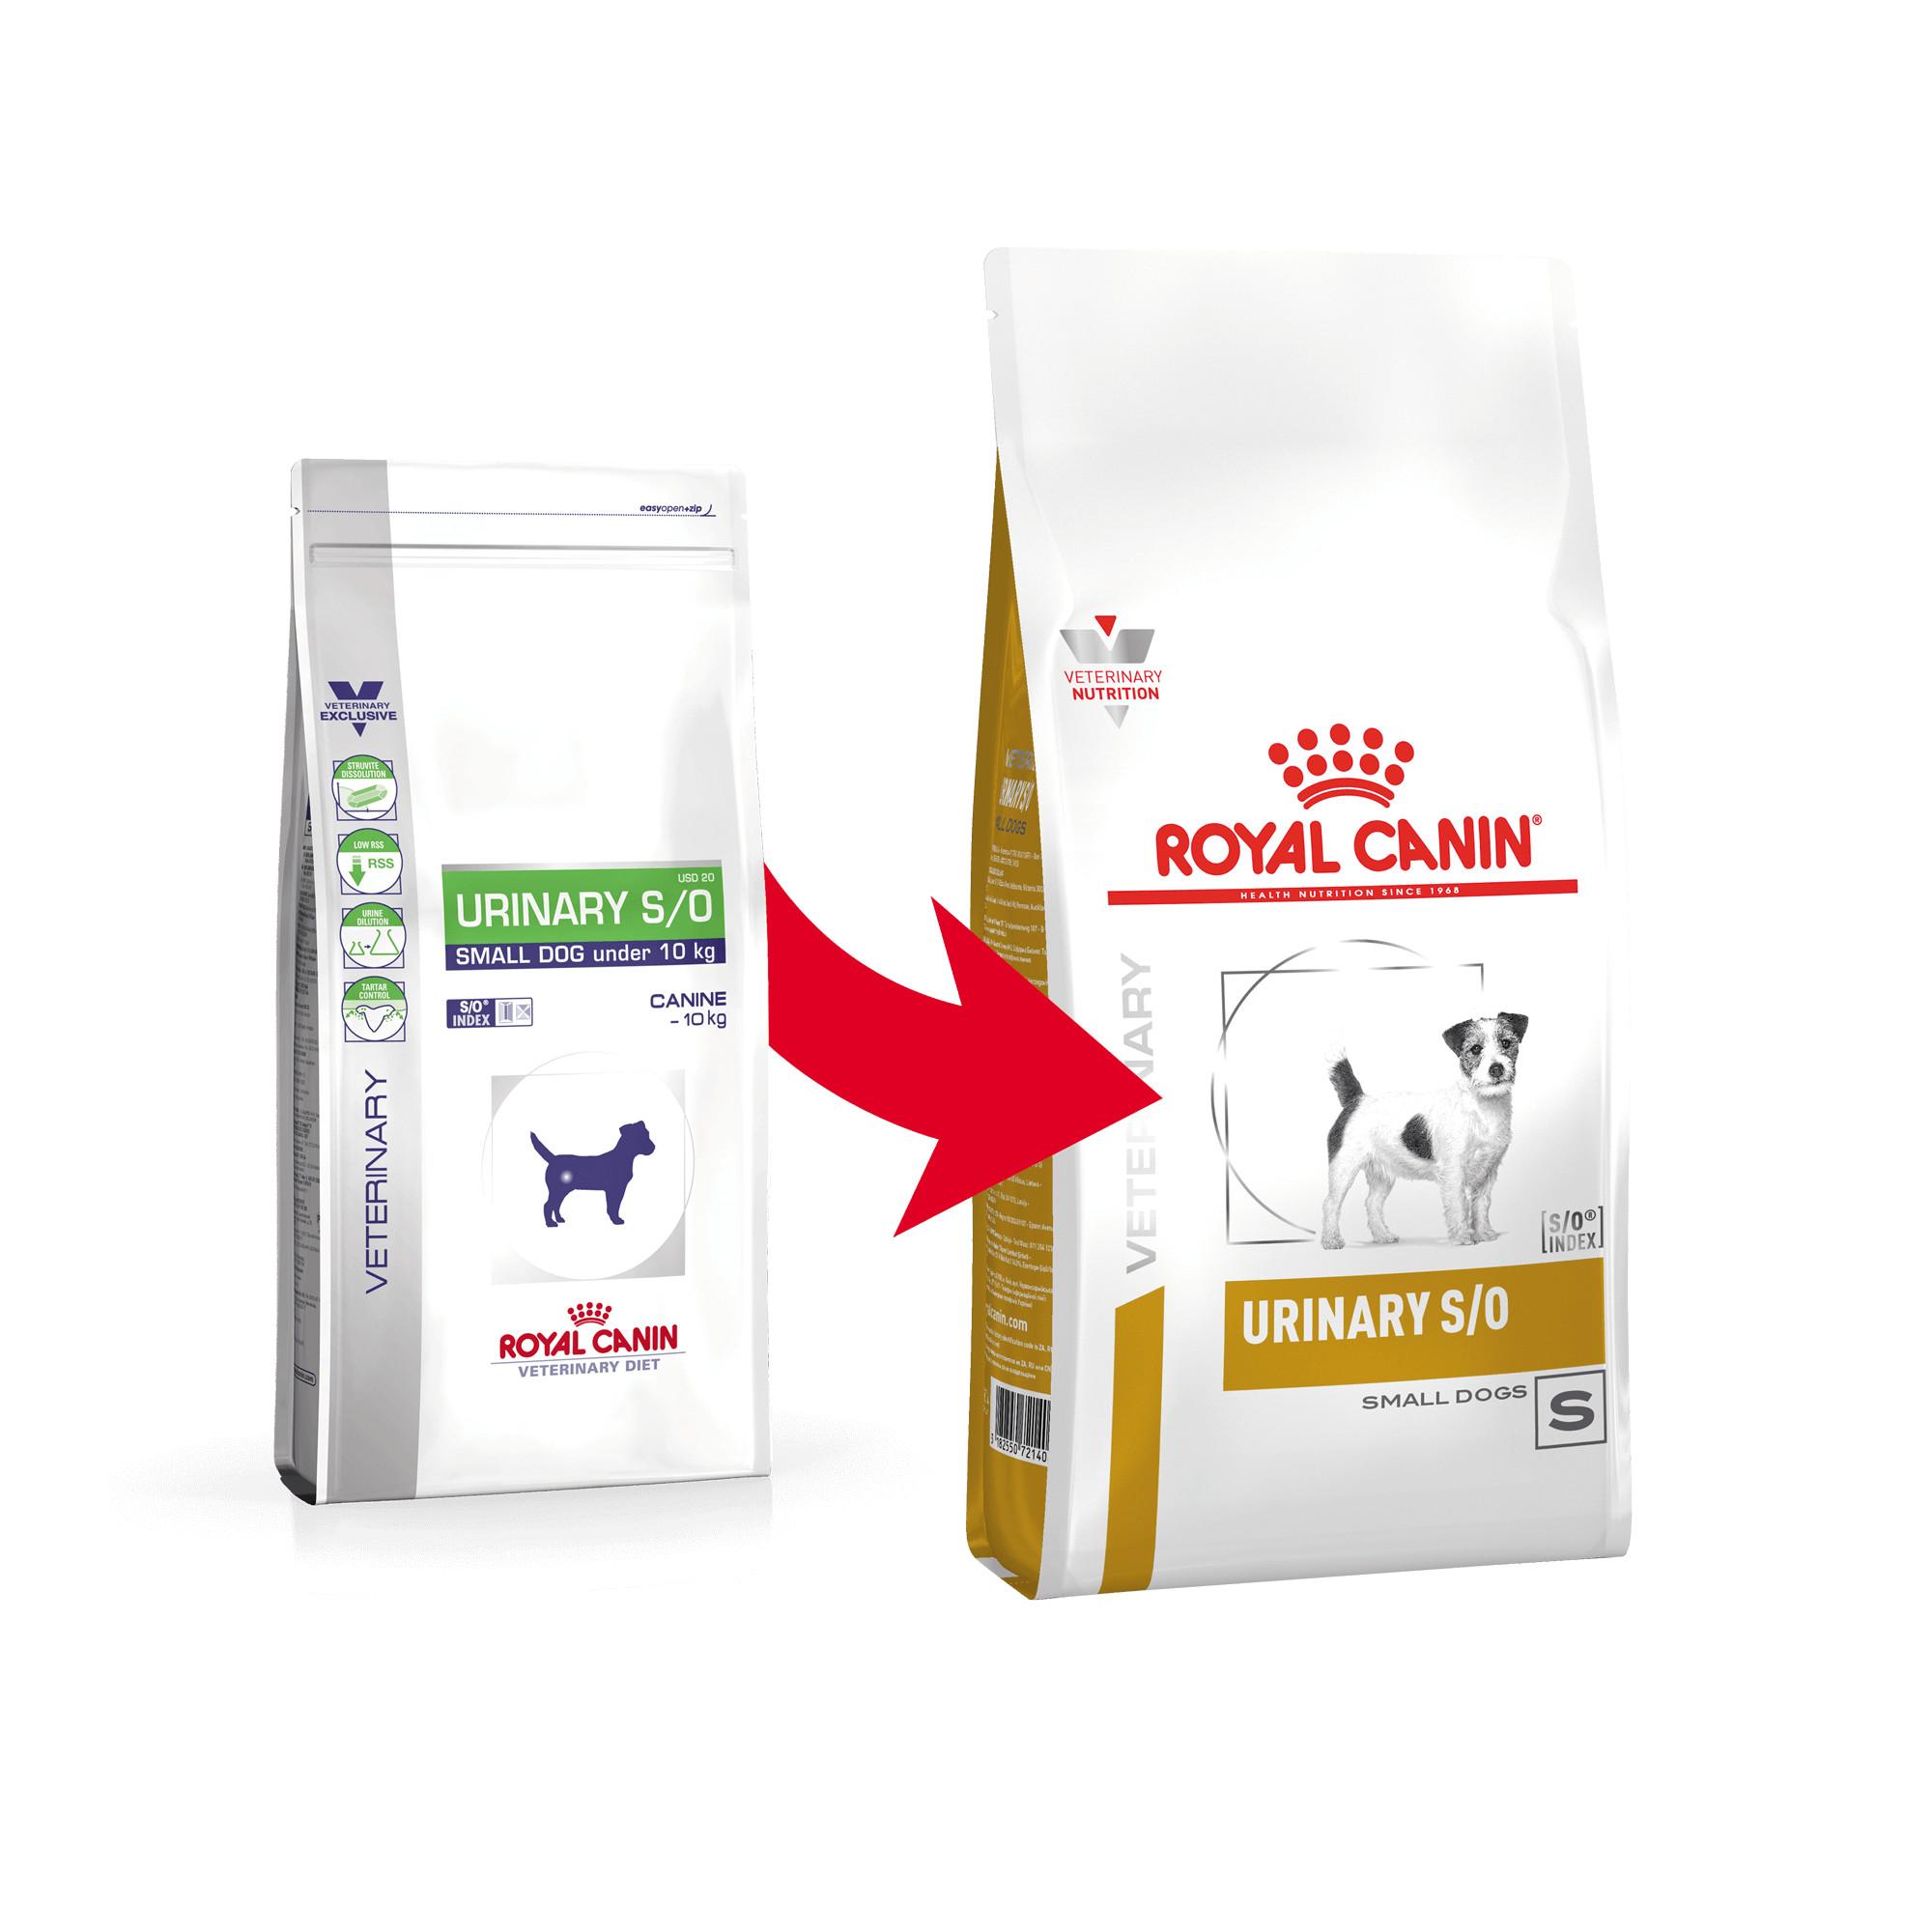 Royal Canin Urinary S/O Small Dog hondenvoer